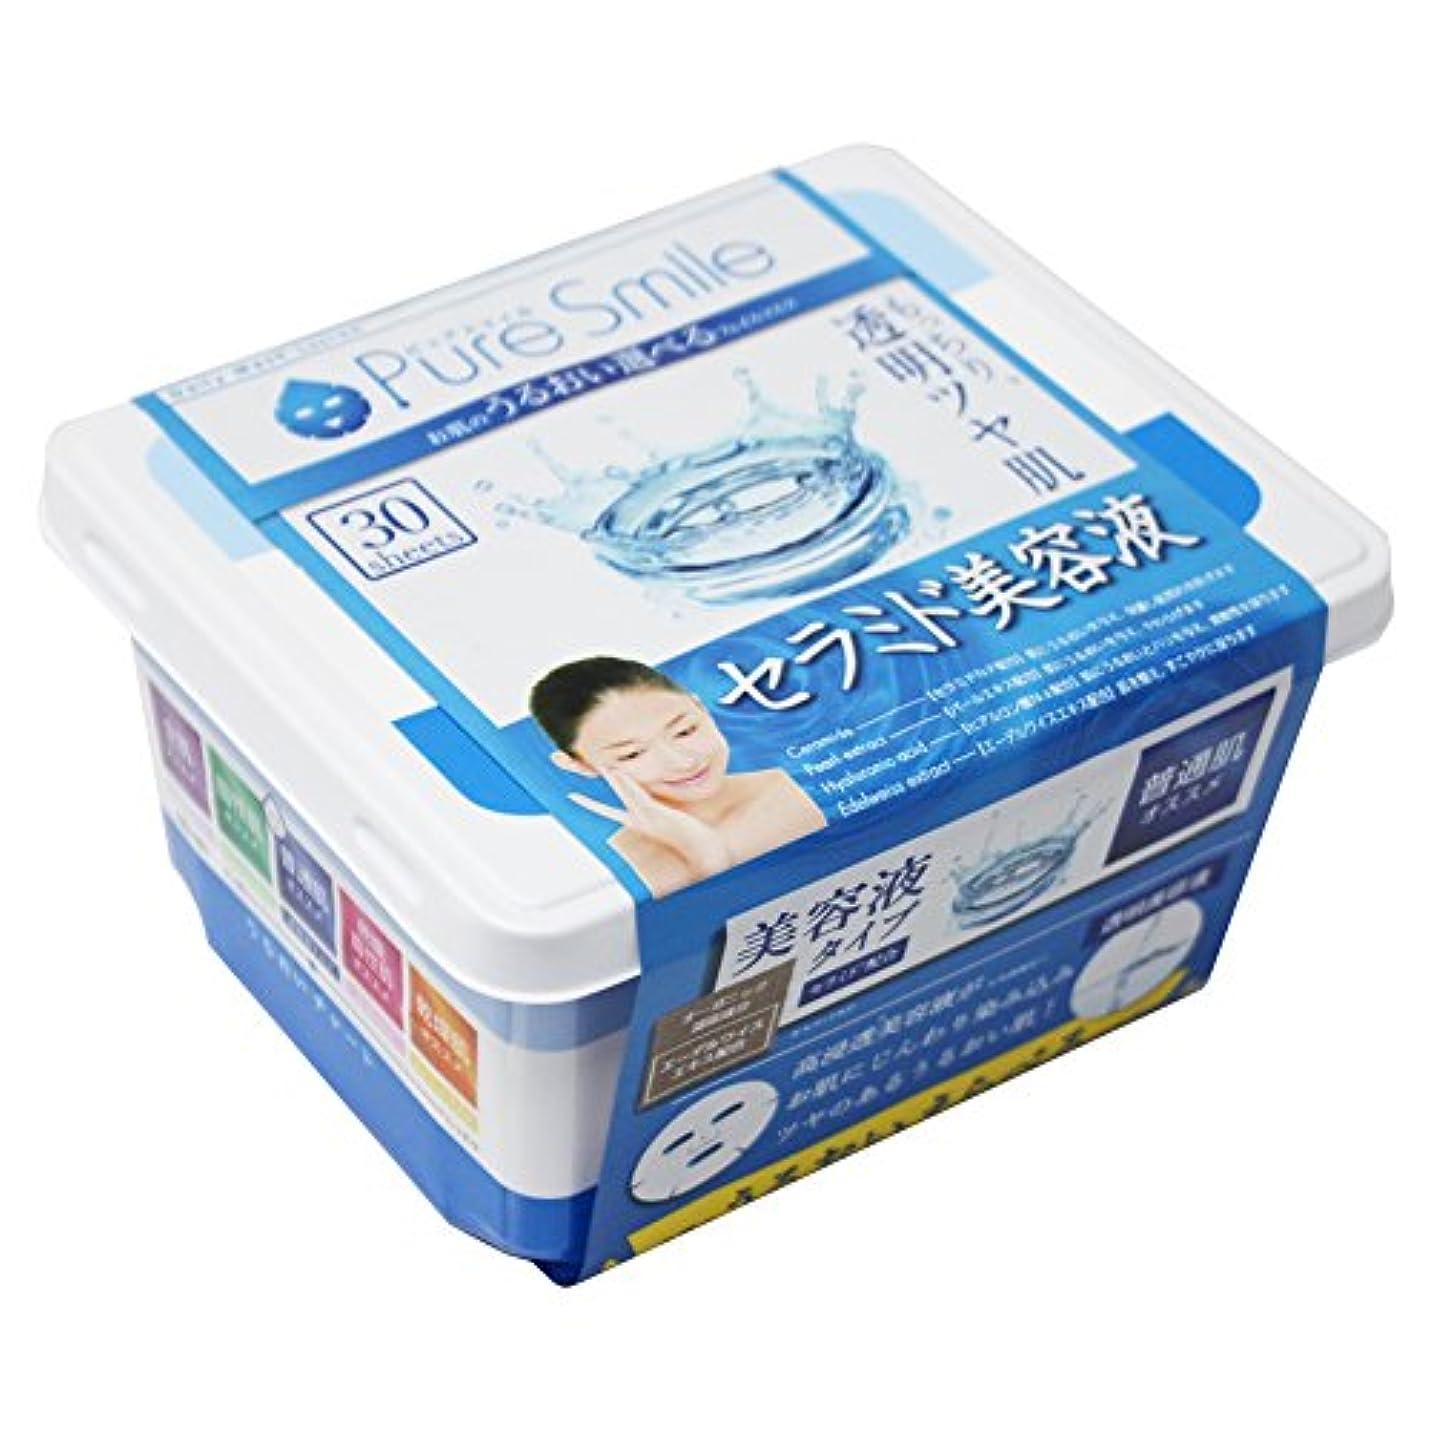 リングバック回路ワーディアンケースPureSmile(ピュアスマイル) フェイスパック エッセンスマスク 30枚セット セラミド美容液?3S03